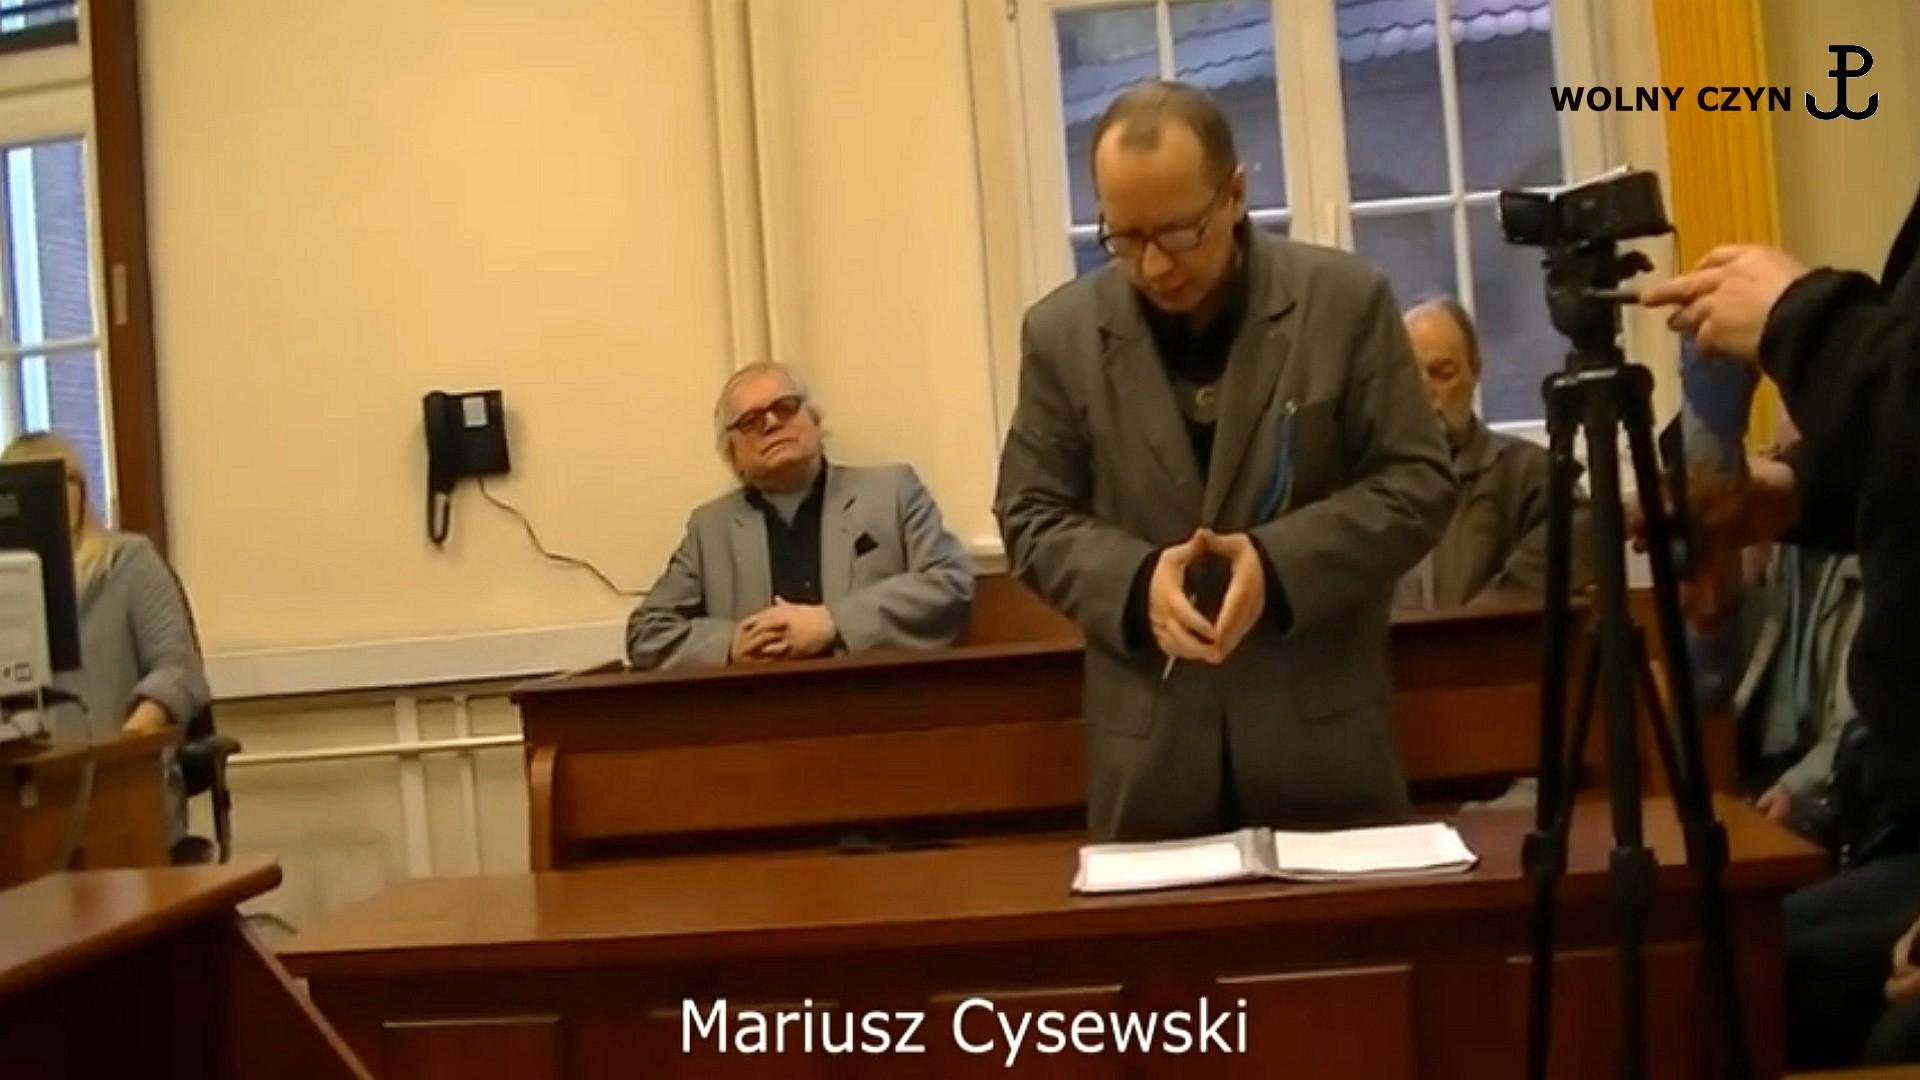 WOLNY CZYN: Dlaczego nie ma sensu łażenie do sądu?